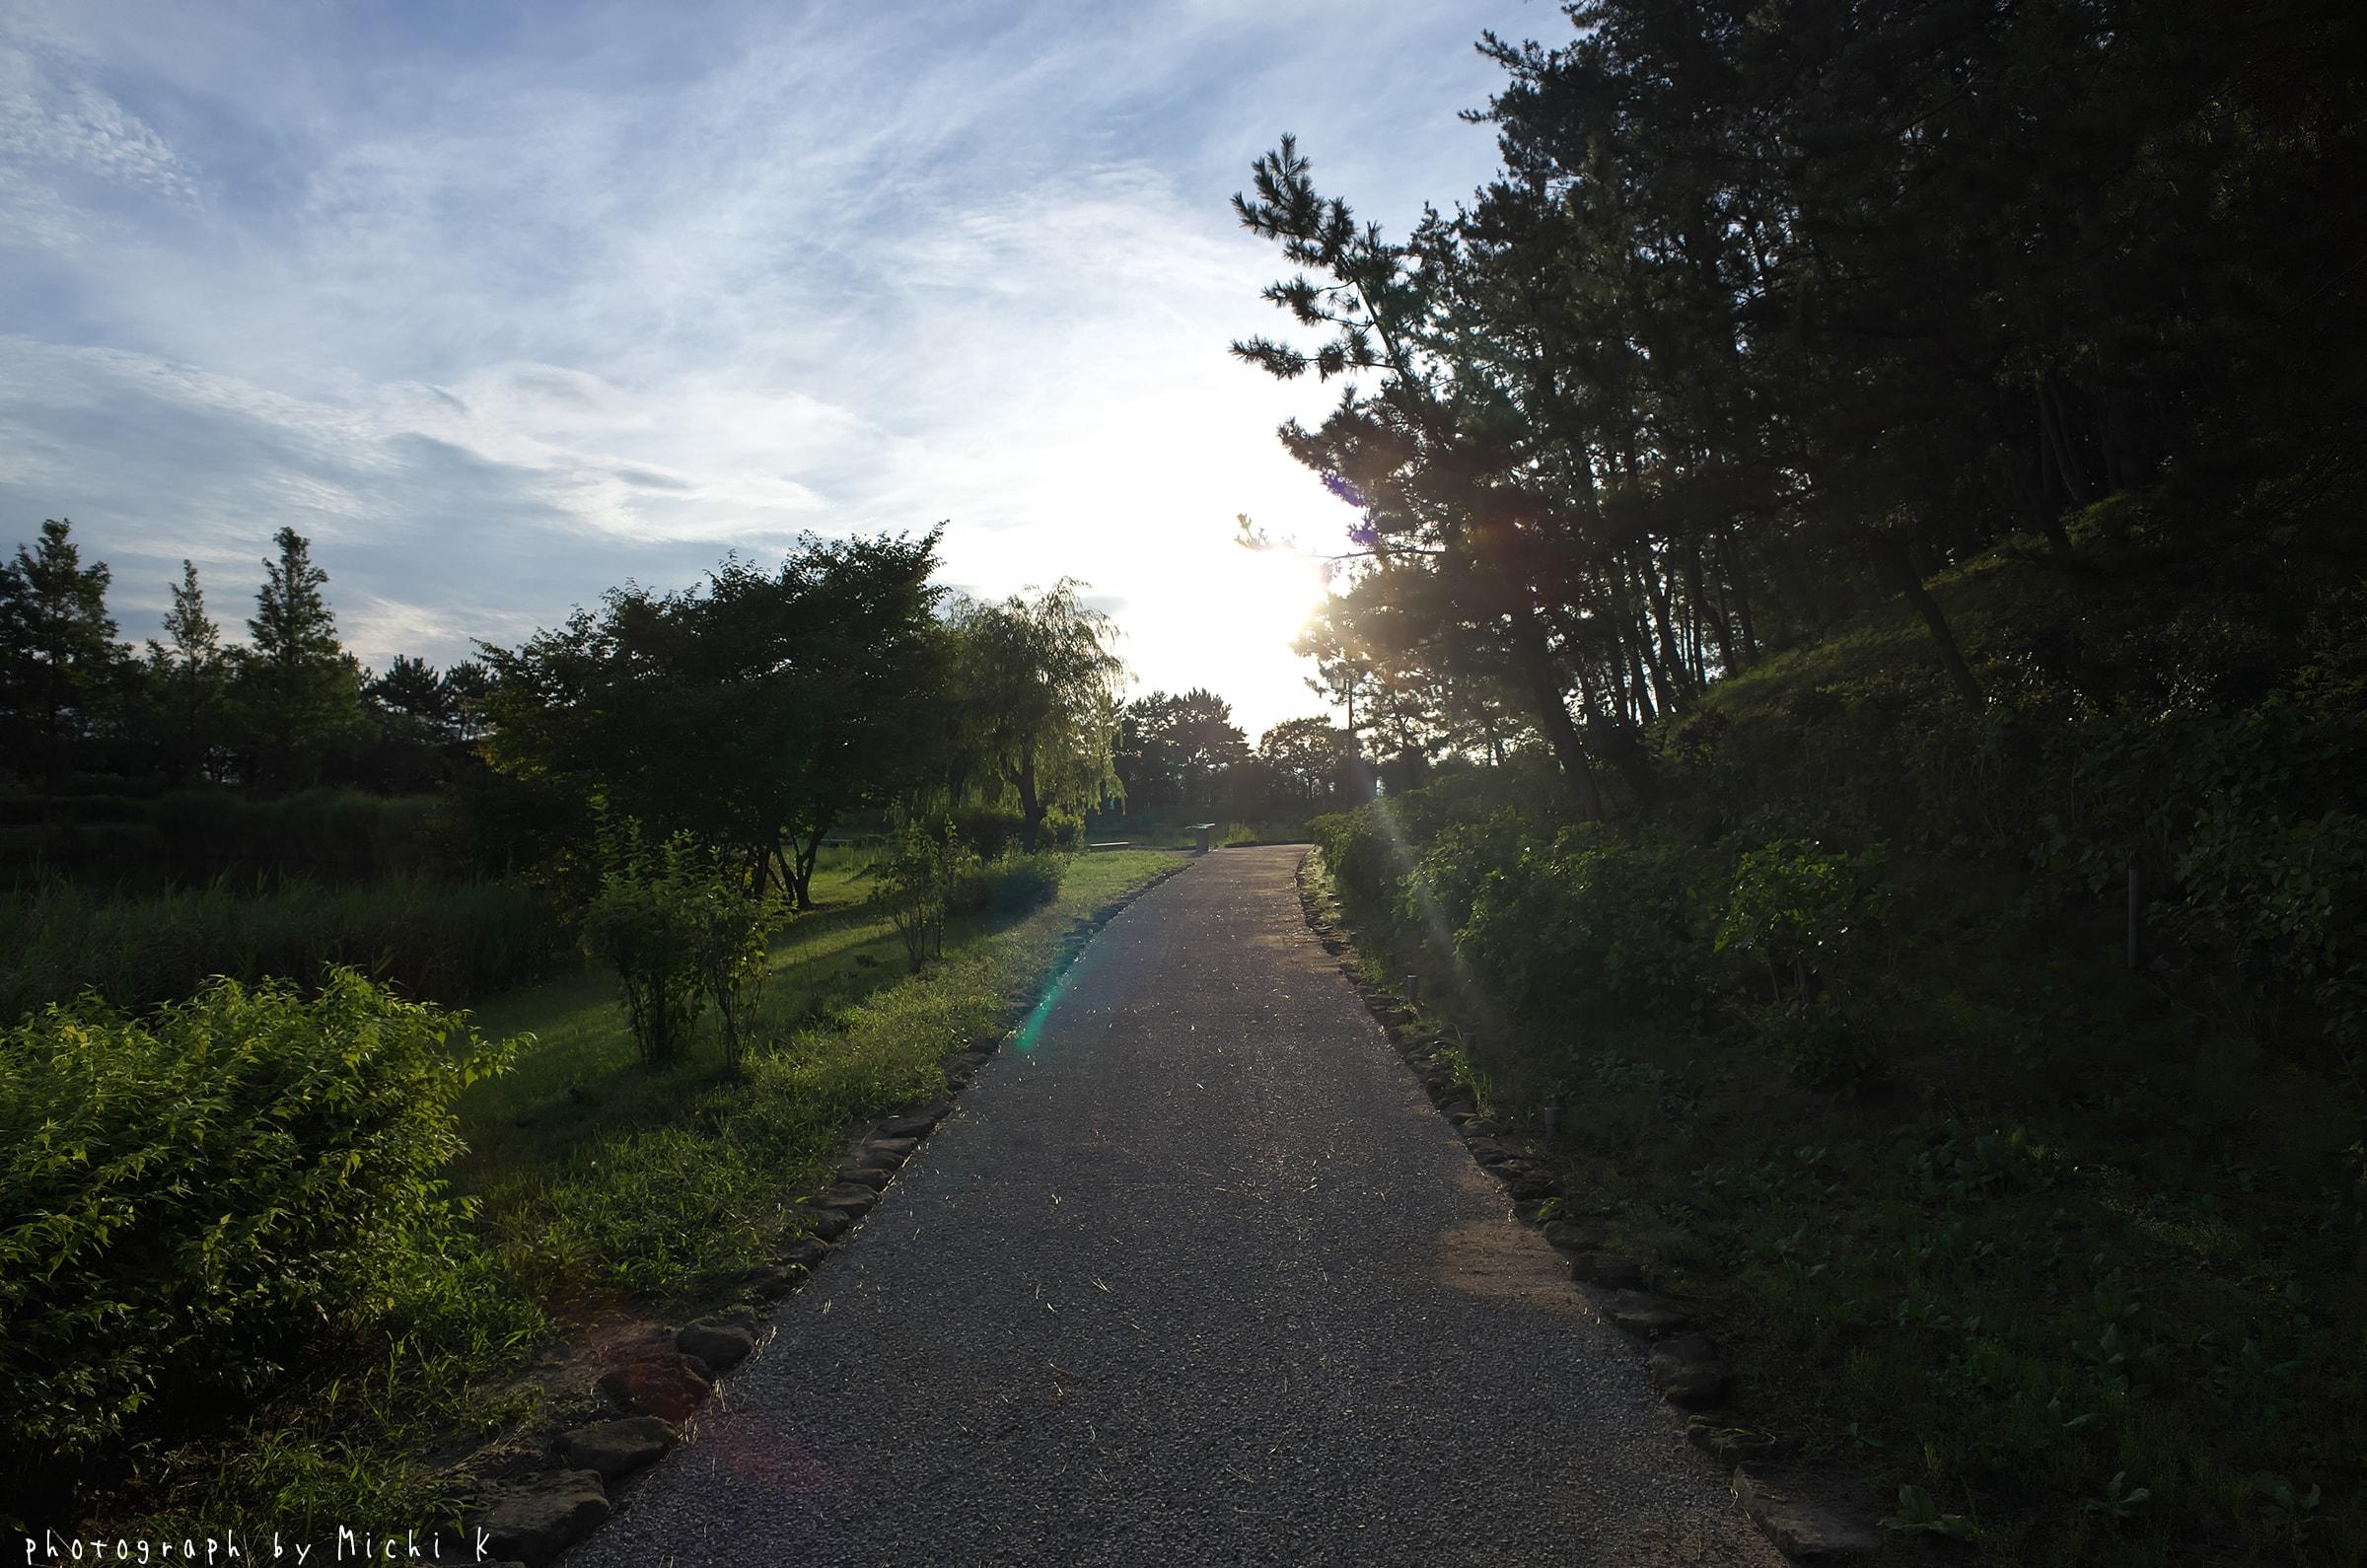 土門拳記念館2018-8-21早朝散歩(写真その3)